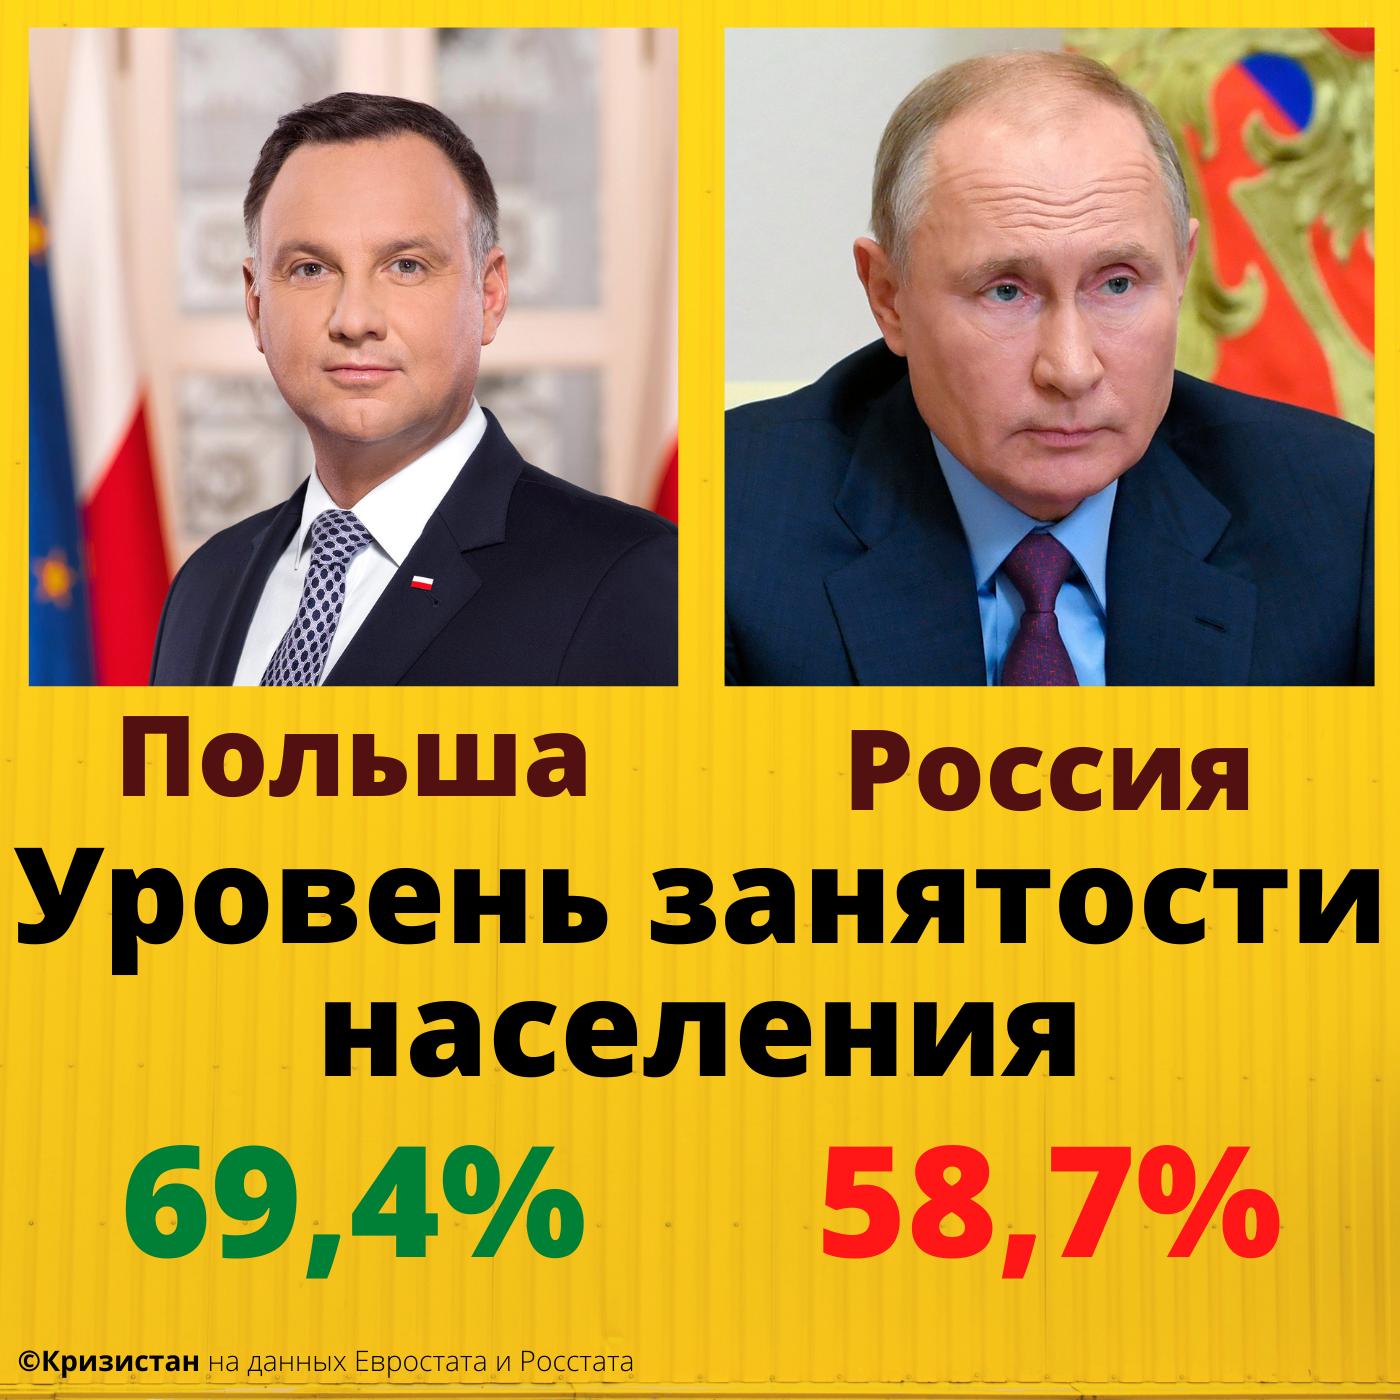 Уровень занятости населения в России и в Польше